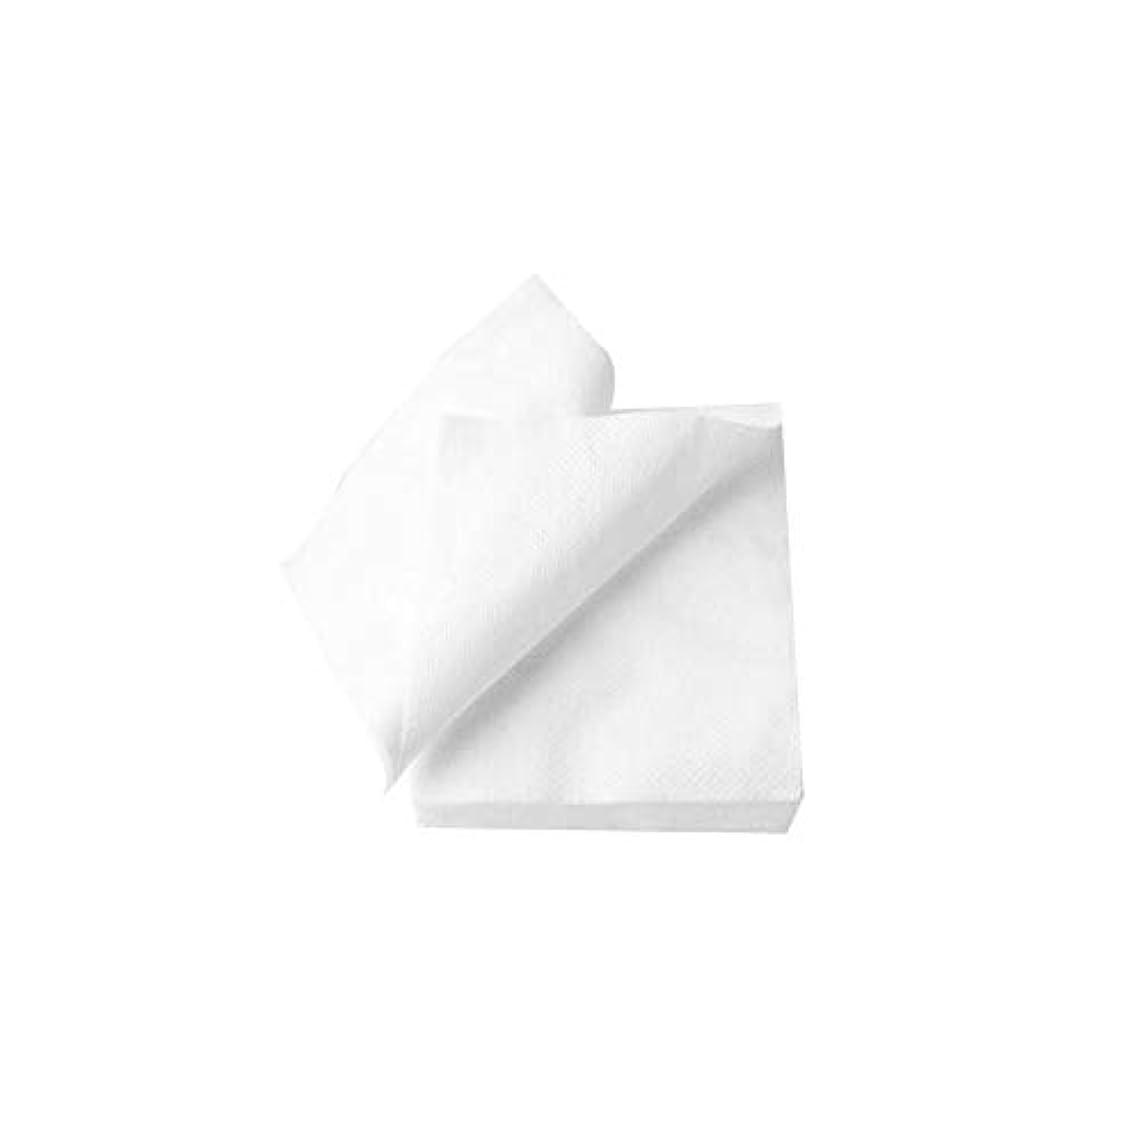 オープニングサークル時刻表240PCSアイメイク化粧品の綿の綿の綿敏感肌白い四角